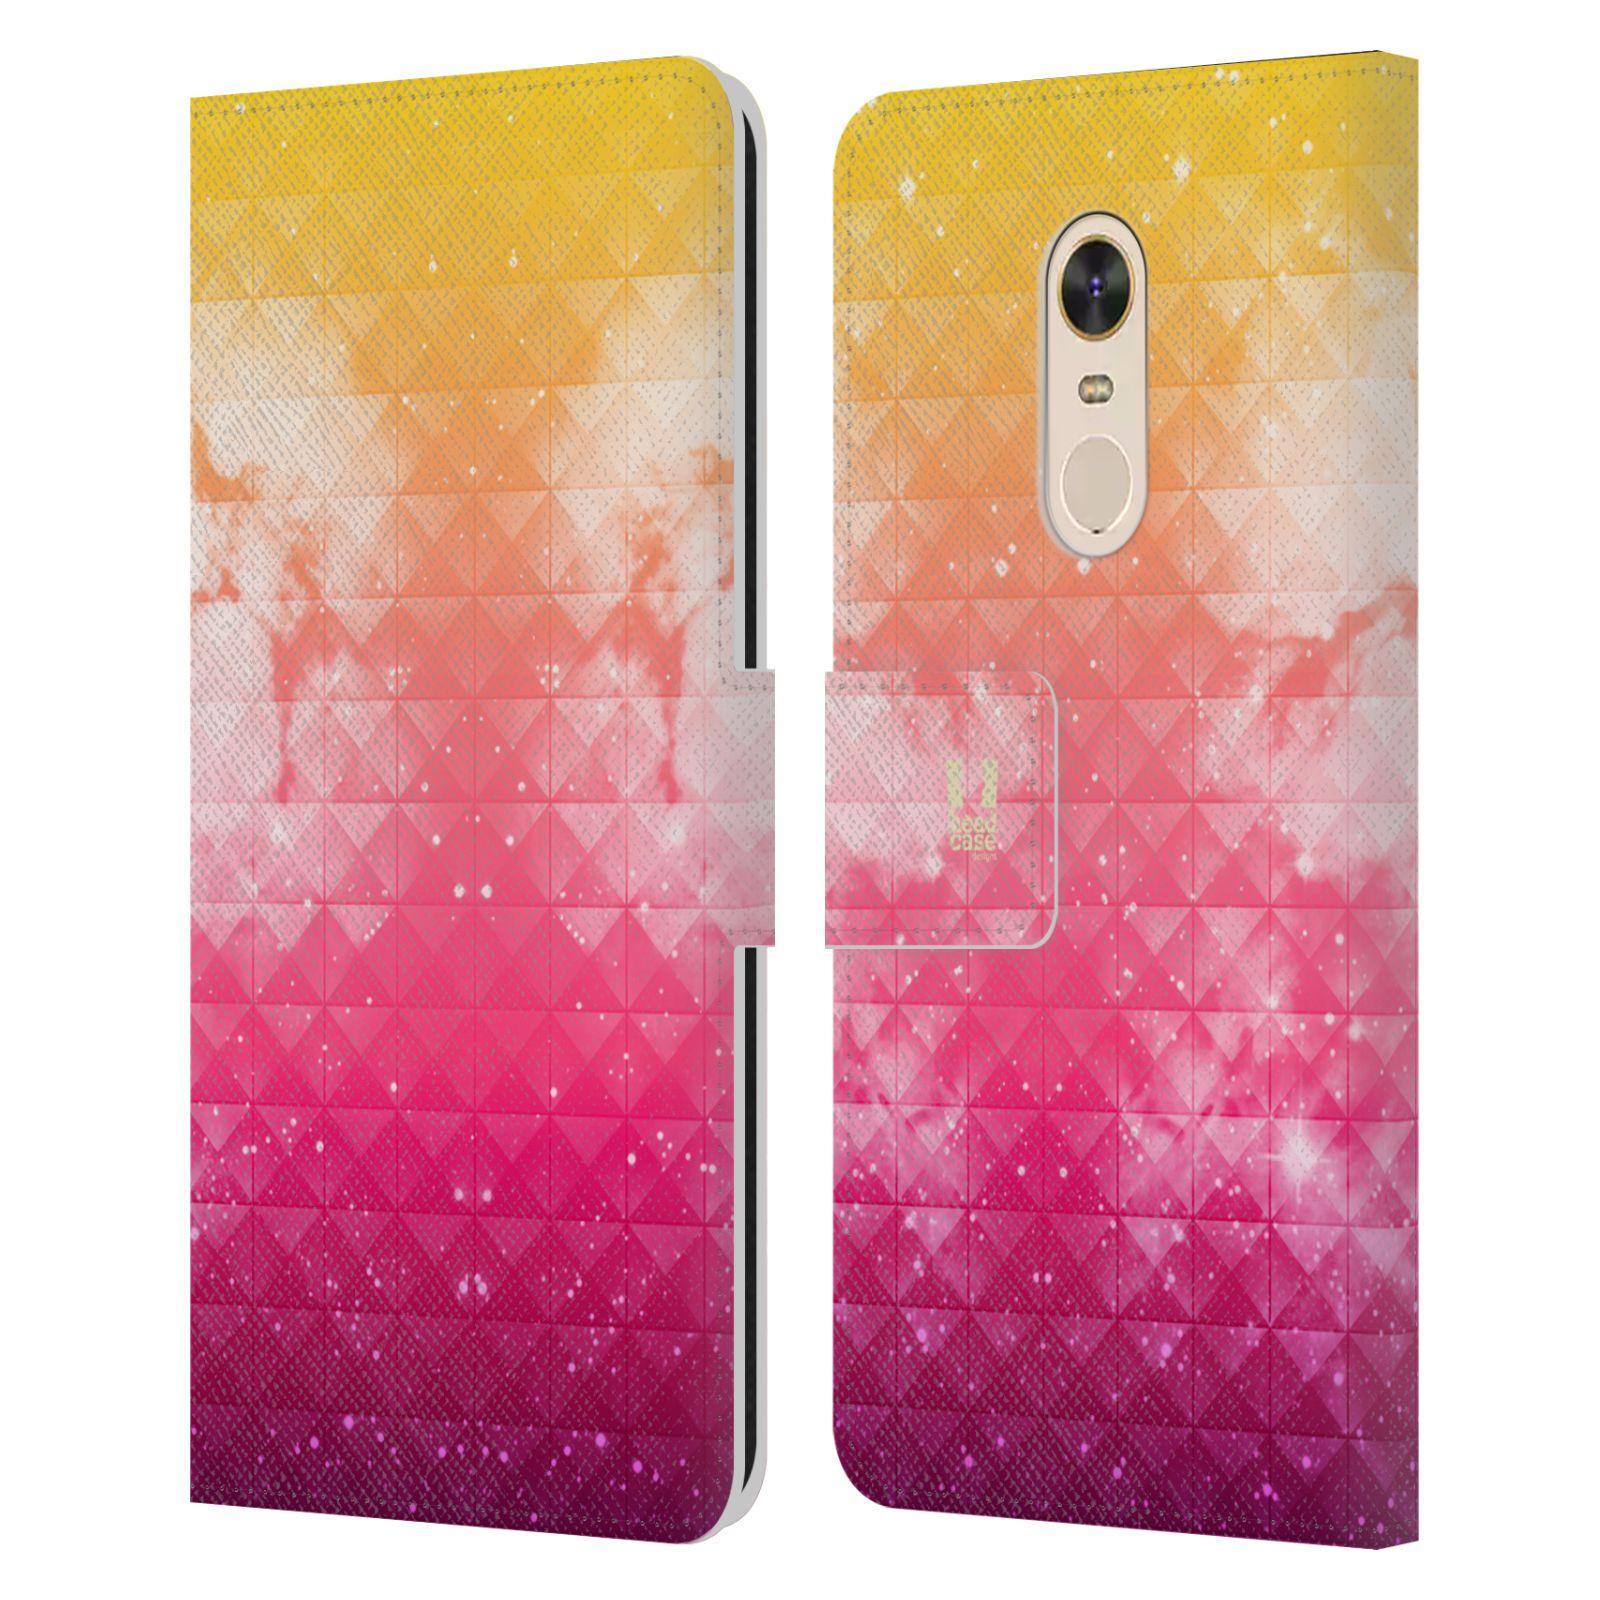 HEAD CASE Flipové pouzdro pro mobil Xiaomi Redmi Note 5 barevná vesmírná mlhovina oranžová a růžová